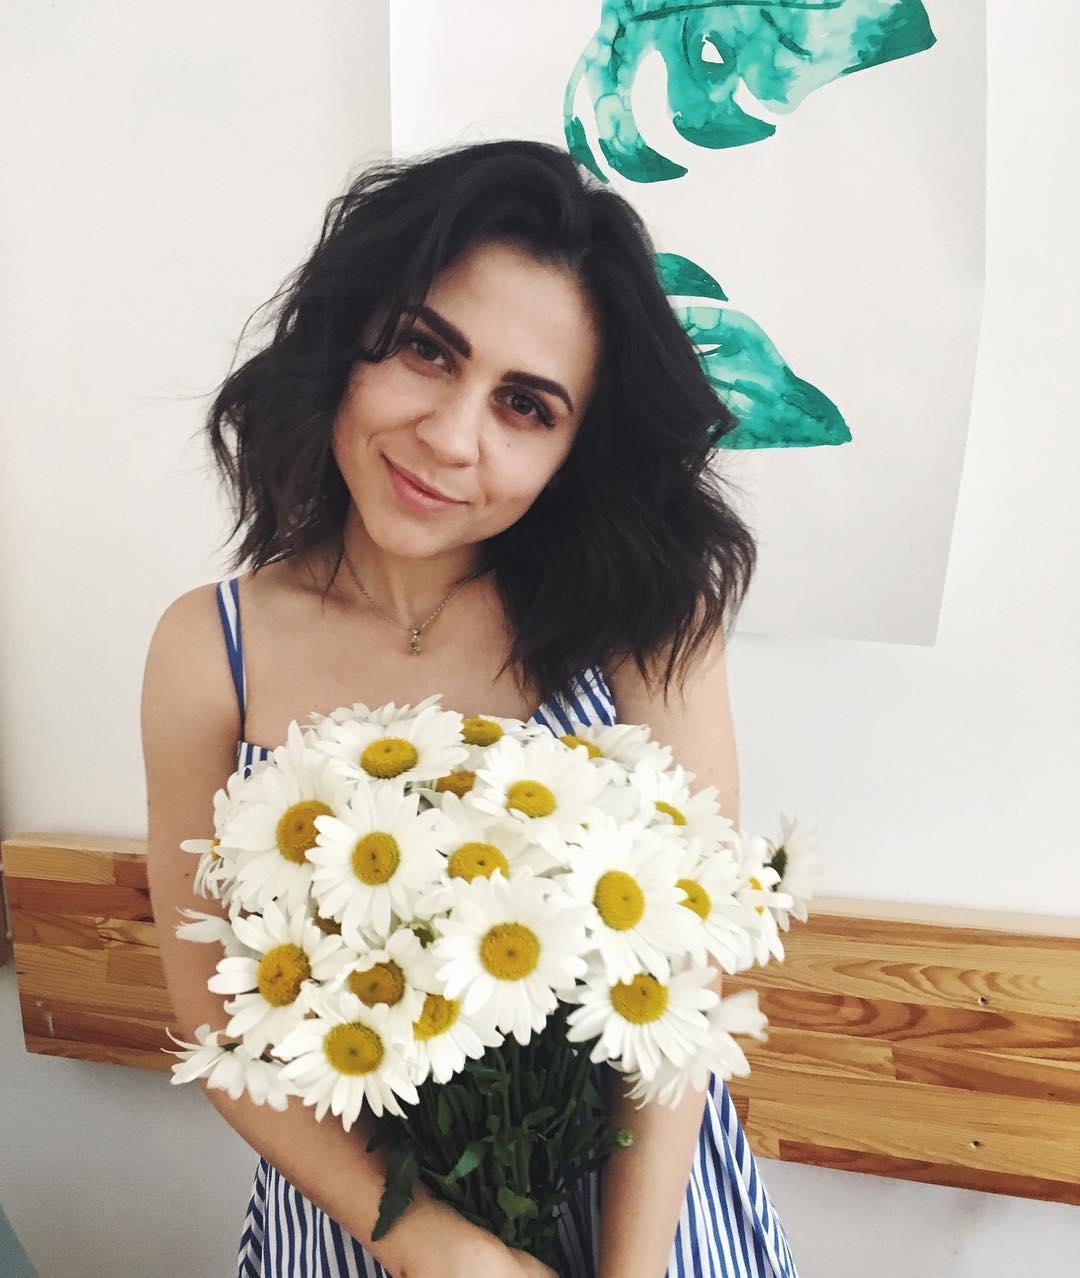 5 украинских Instagram-вайнеров, которые заставят смеяться над собой